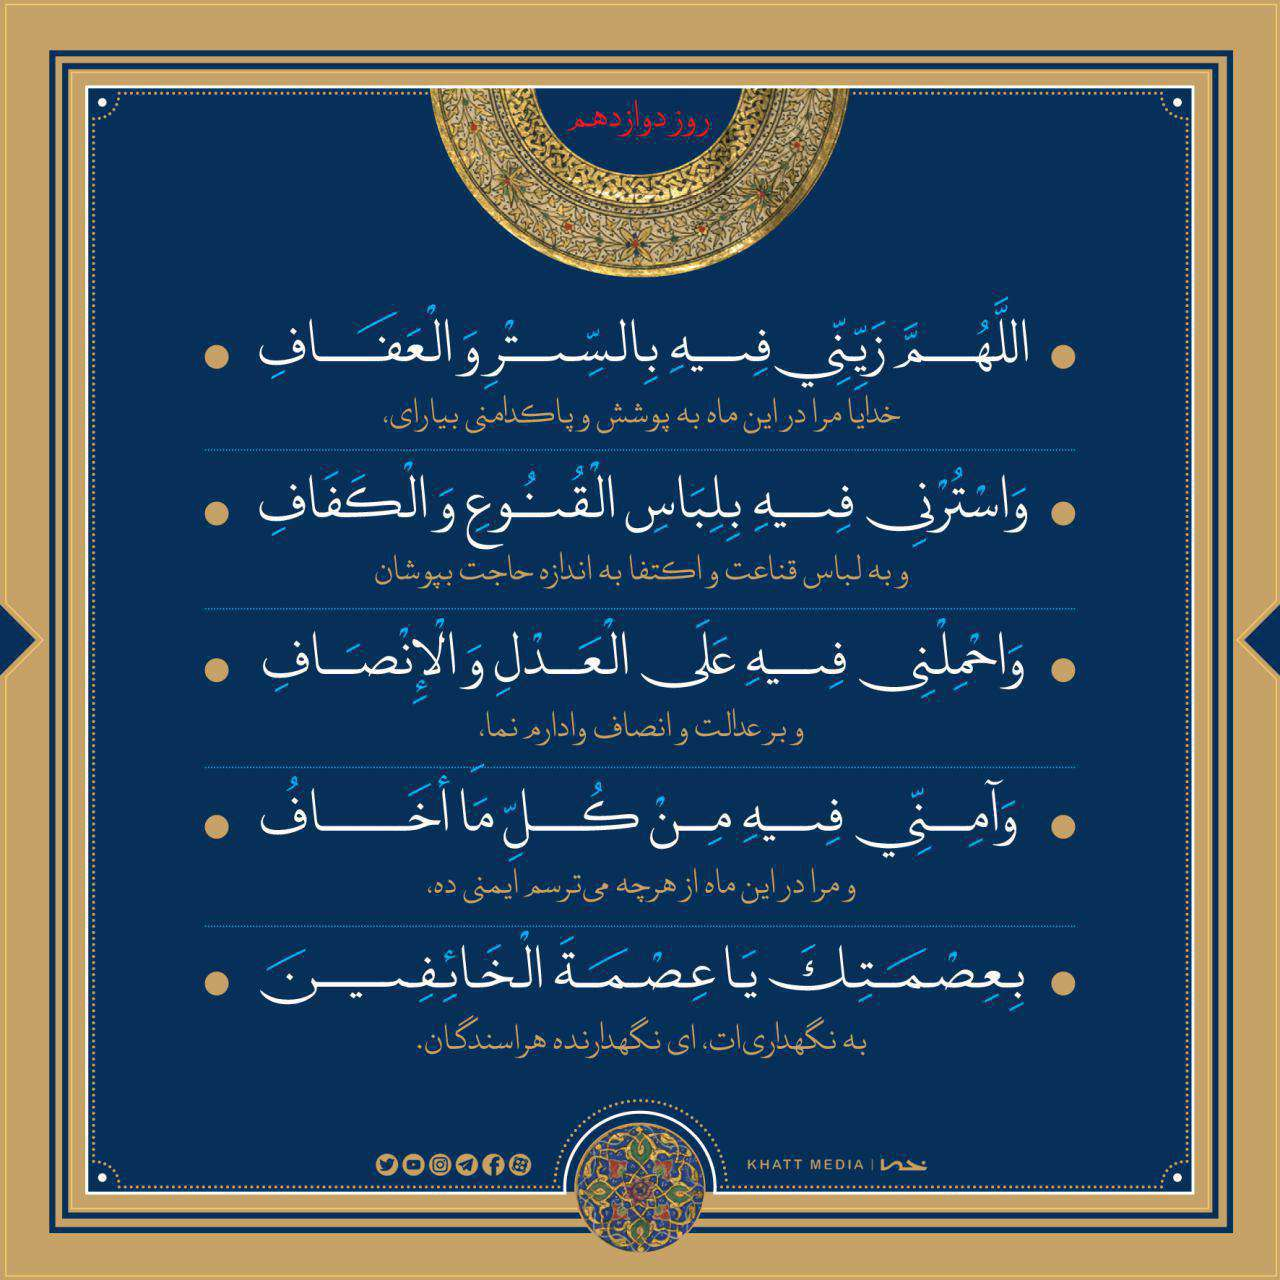 دعای روز دوازدهم رمضان